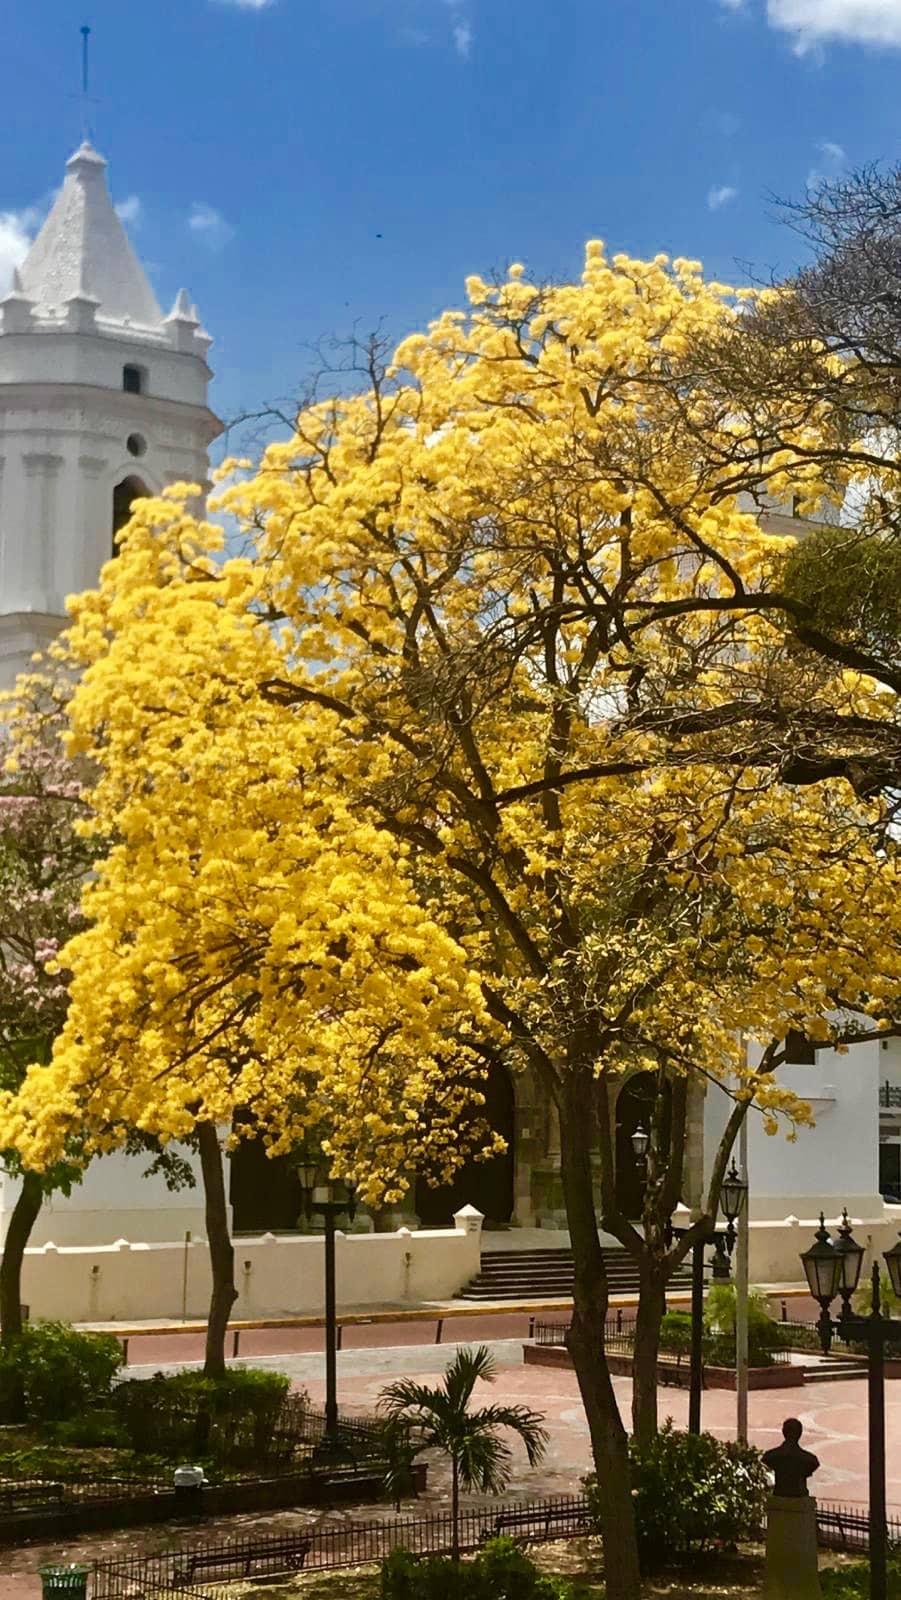 Hay varios guayacanes sembrados en la Plaza de la Independencia frente a la Catedral de Panamá